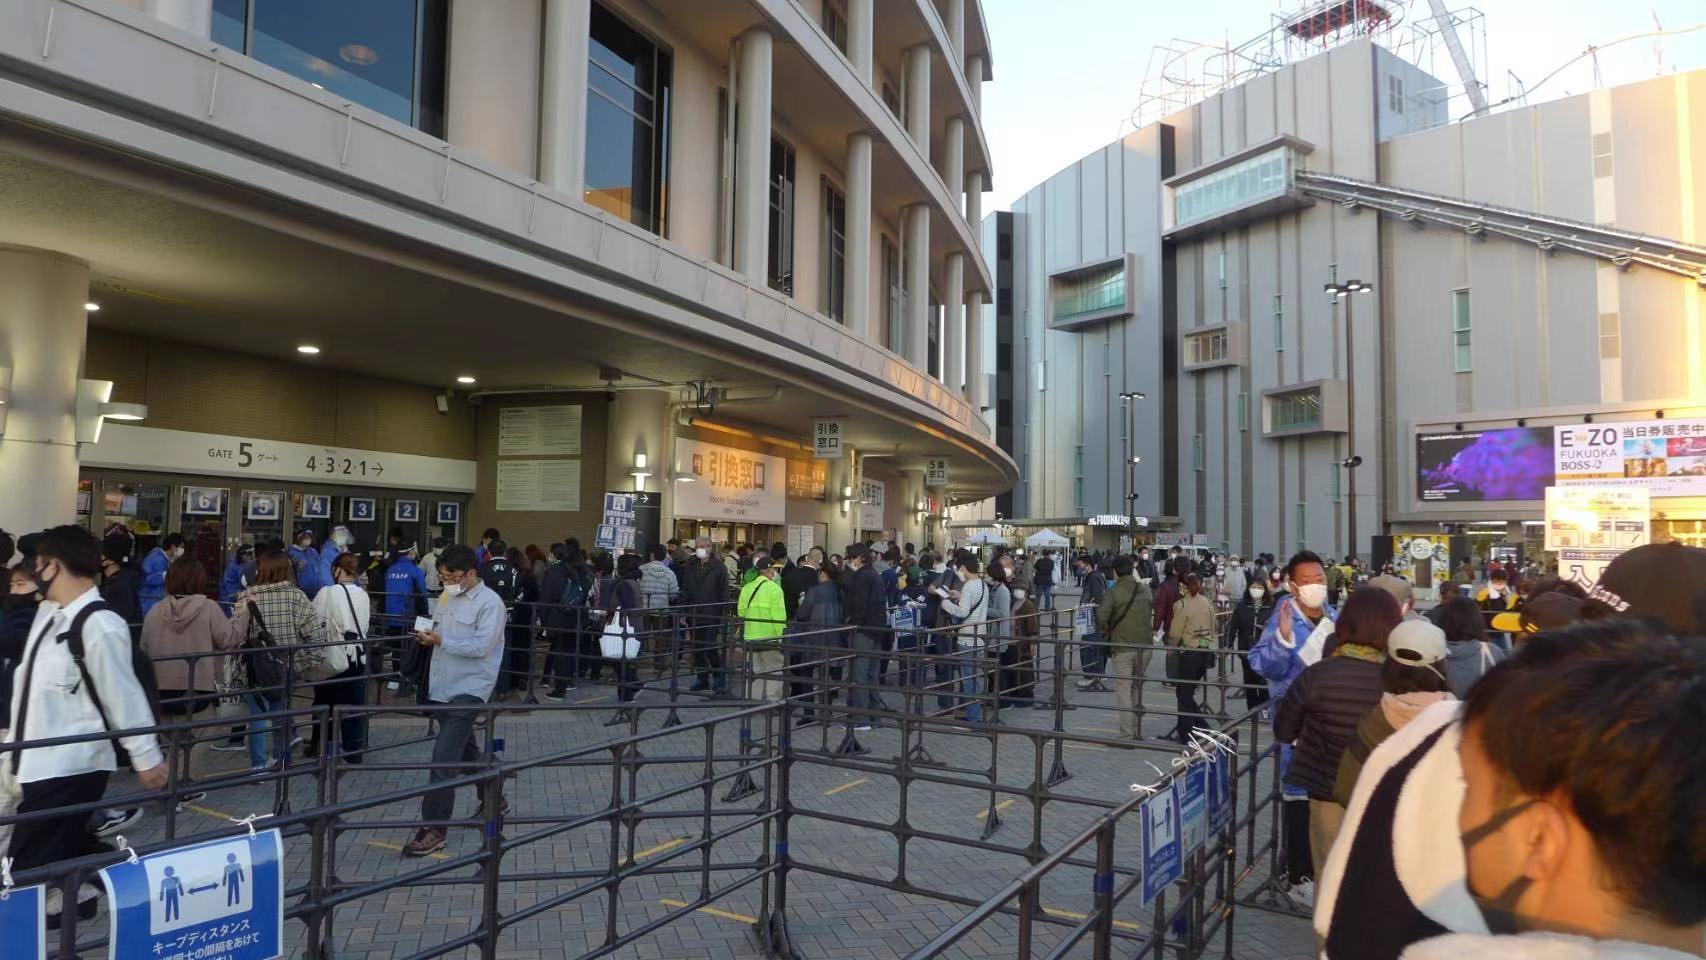 日本观看棒球比赛的人潮